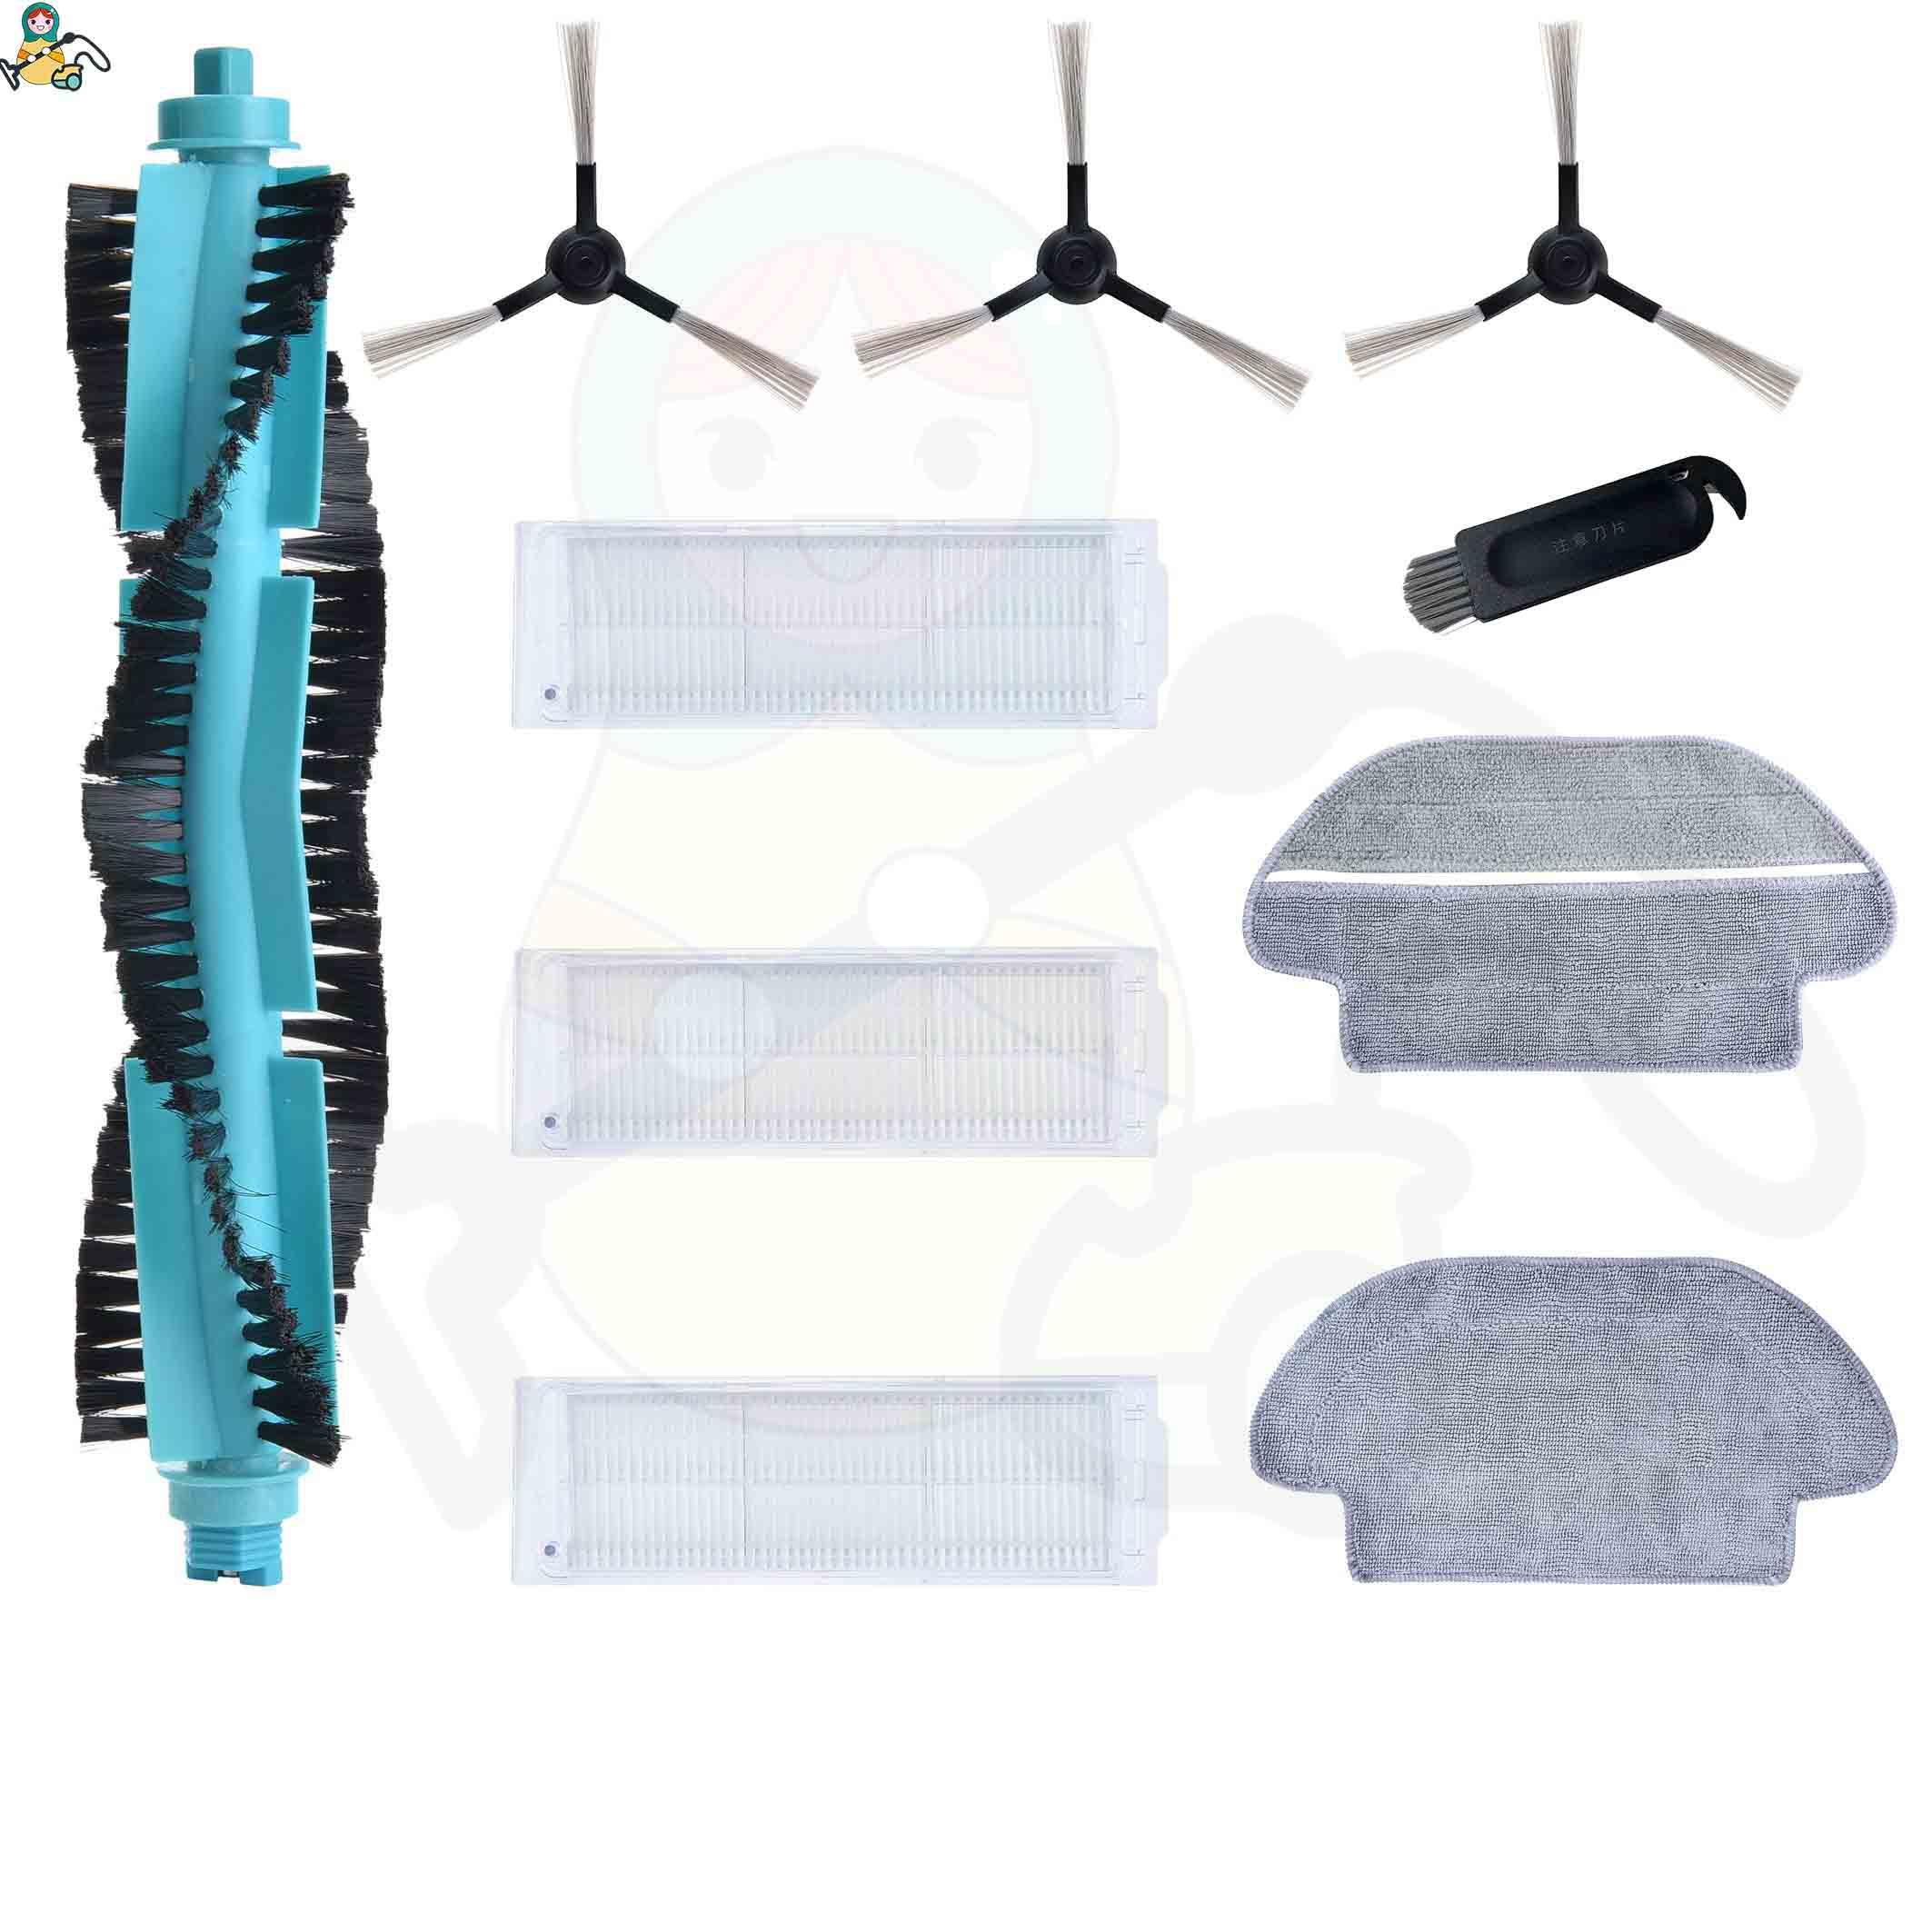 Spazzola laterale Mop straccio spazzola principale per Viomi V2 Pro V3 Mop P Filtro HEPA V-RVCLM21B Norma Mijia STYJ02YM STYTJ02YM Conga 3490 accessori